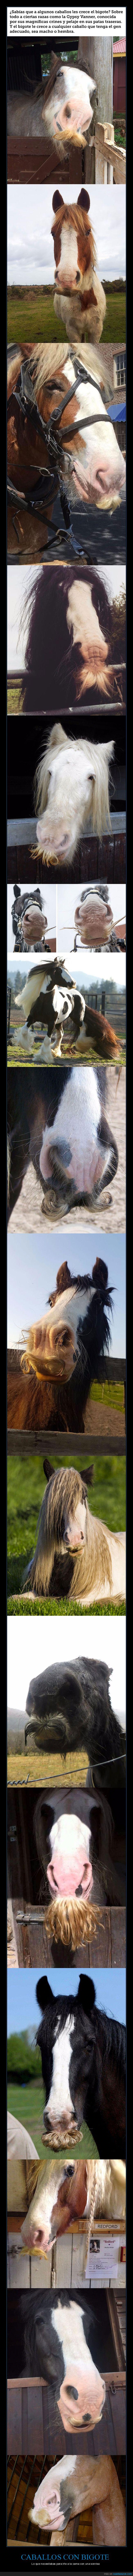 bigote,caballos,wtf